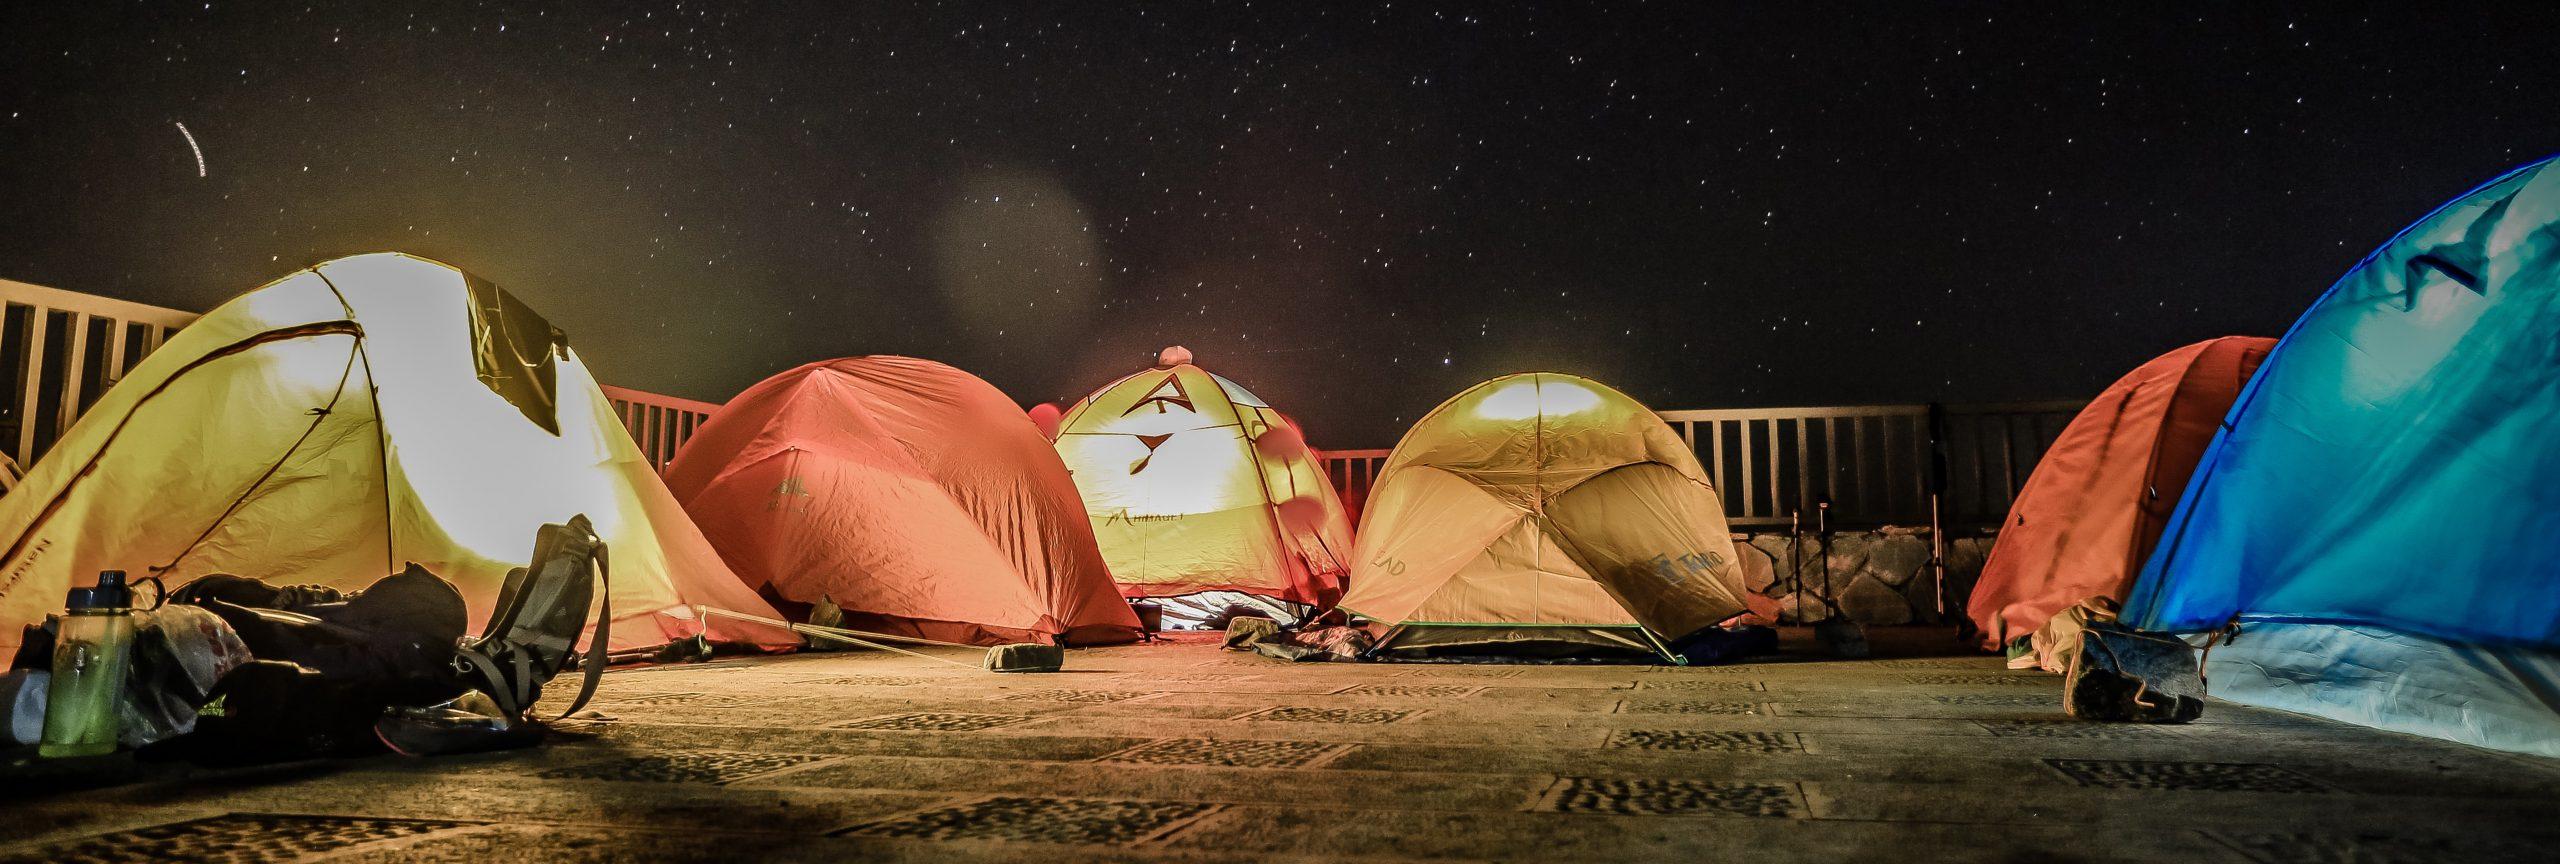 campingvakantie - tentjes - De Planeet Reizen